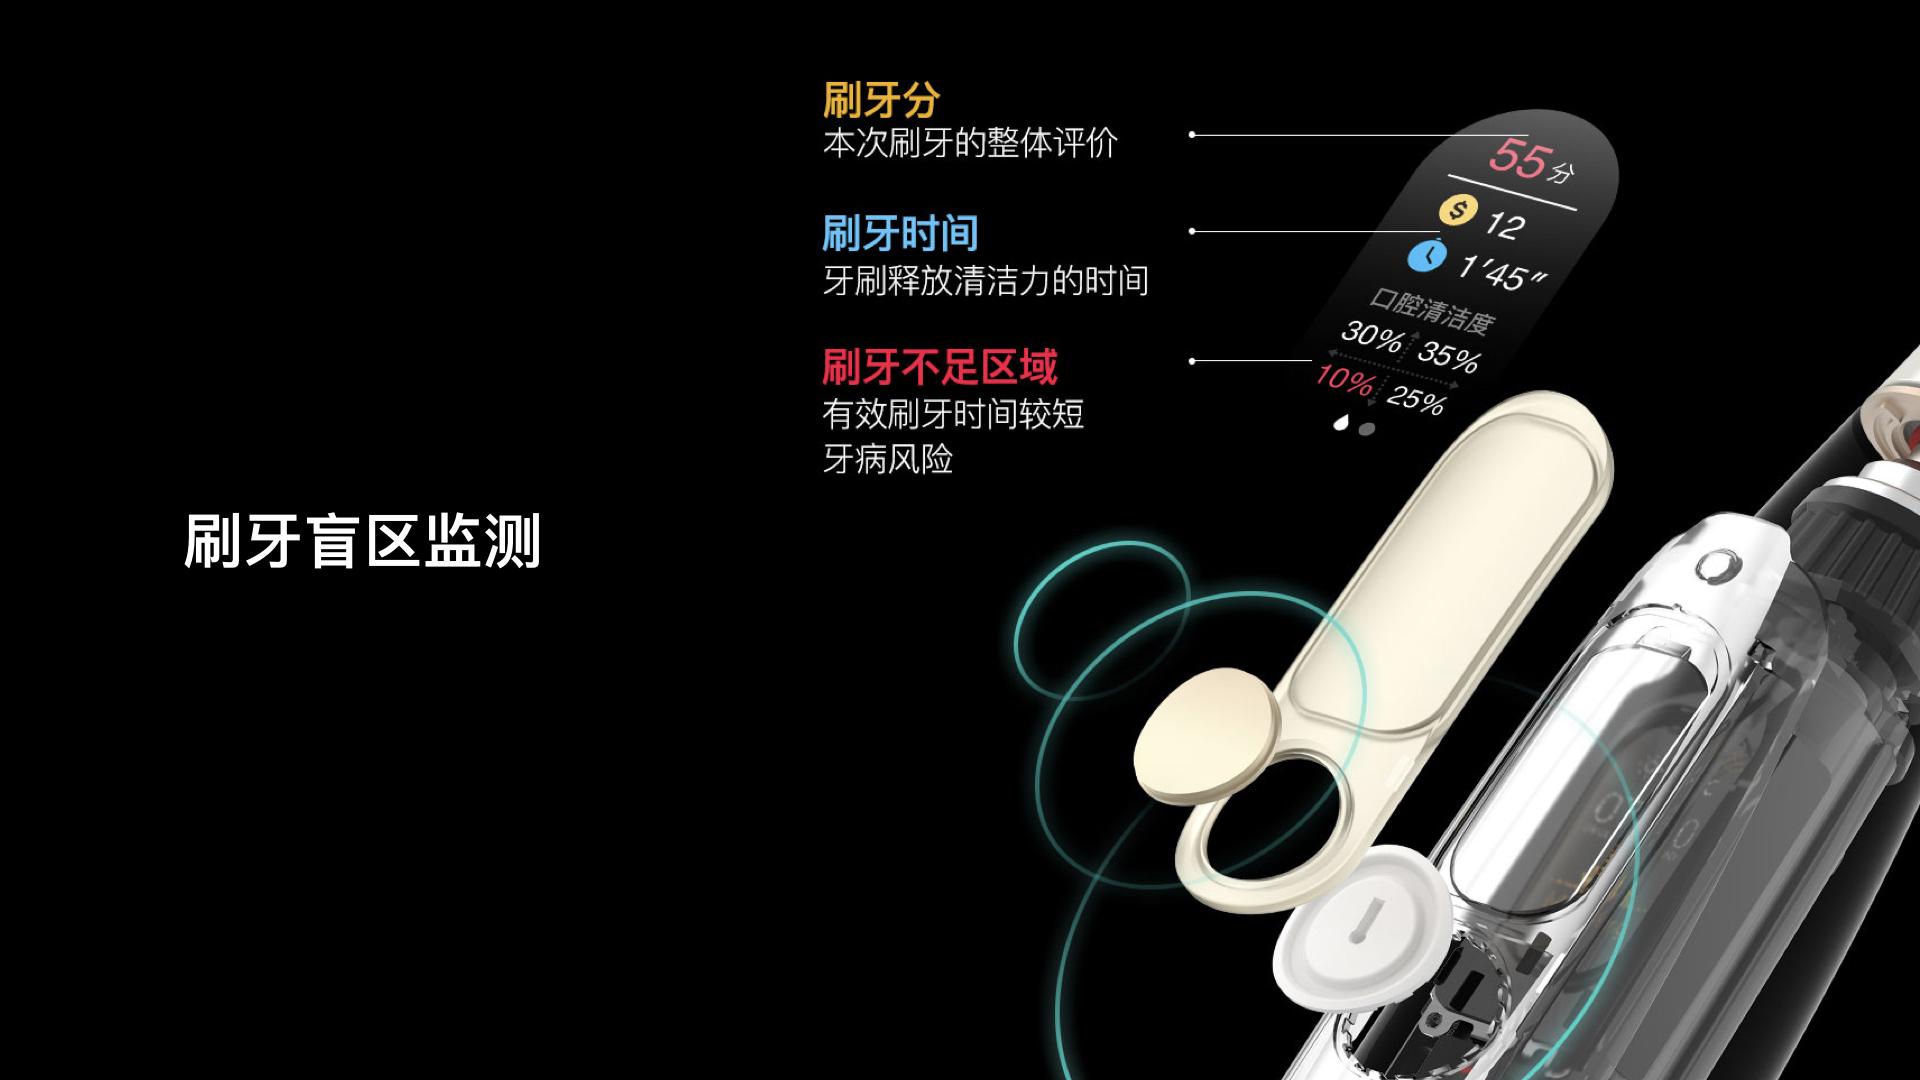 """小城青年比新中产更""""爱""""电动牙刷?618撬开下沉市场三要素"""